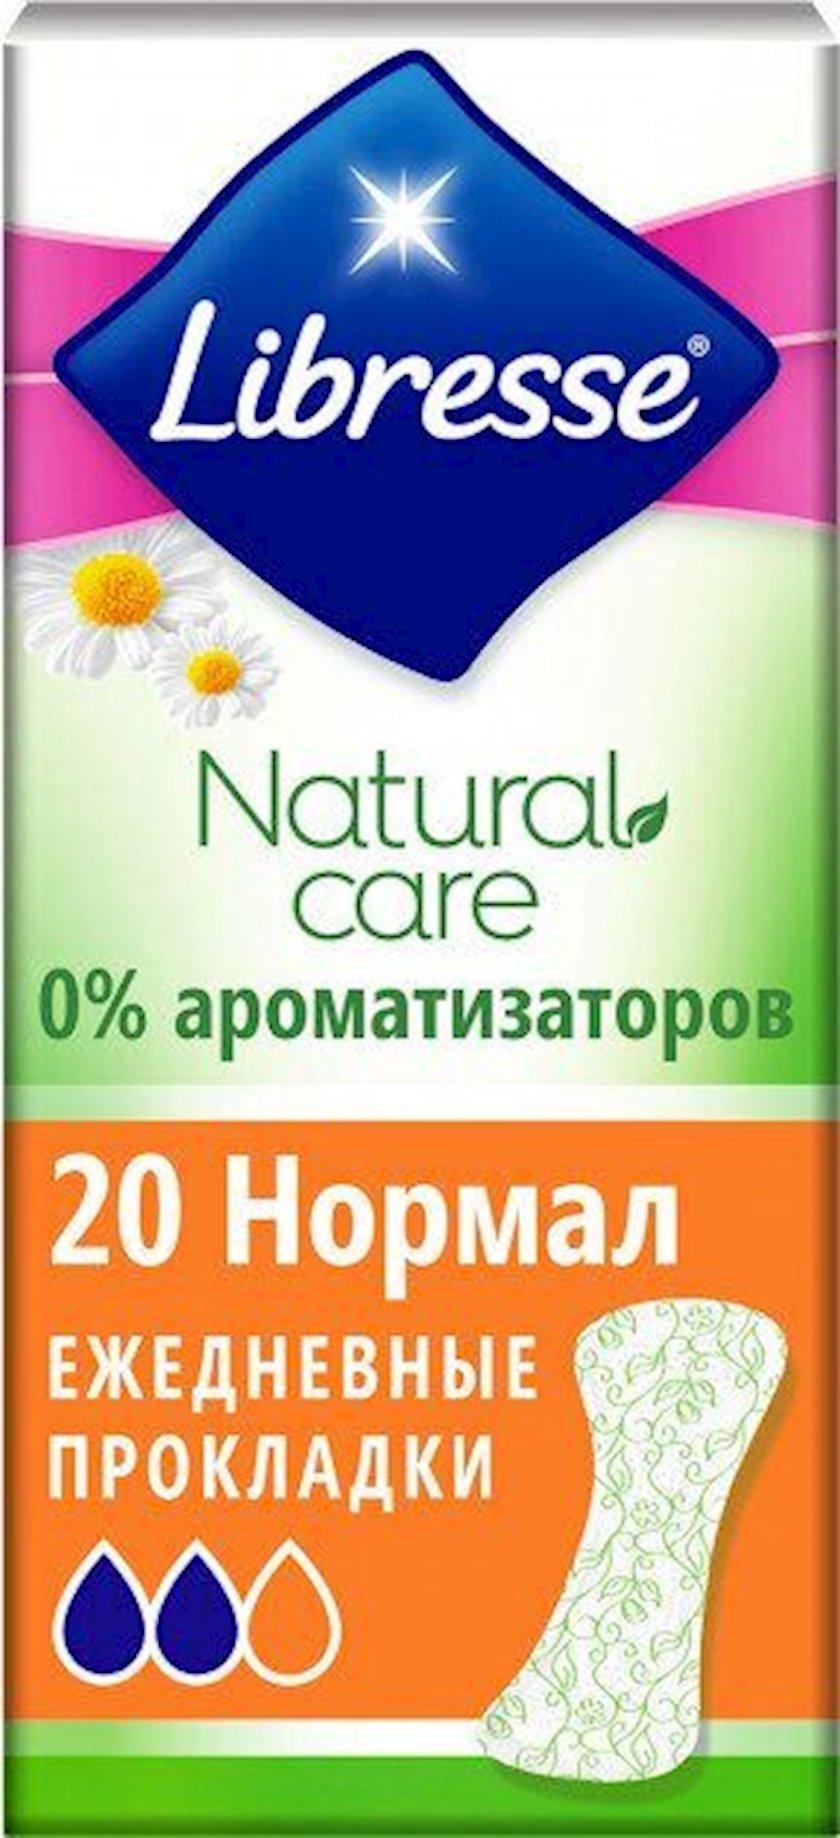 Gündəlik bezlər Libresse Natural Care, 20 əd.